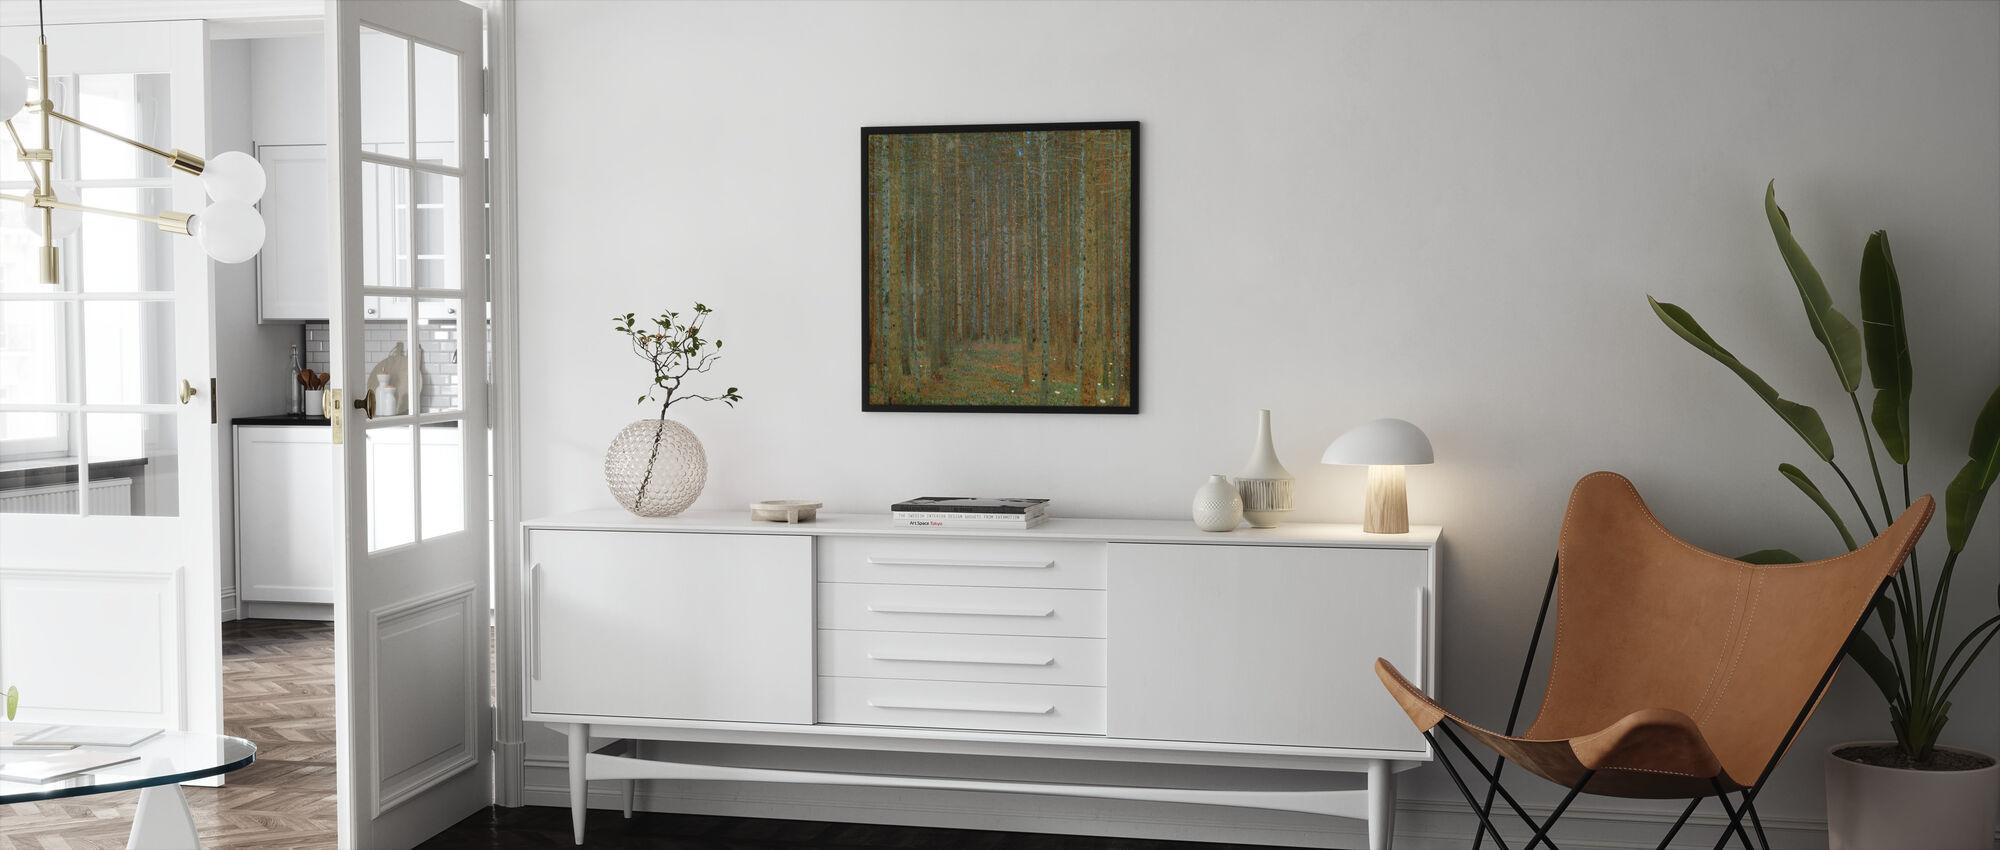 Klimt, Gustav - Fir Forest I - Framed print - Living Room